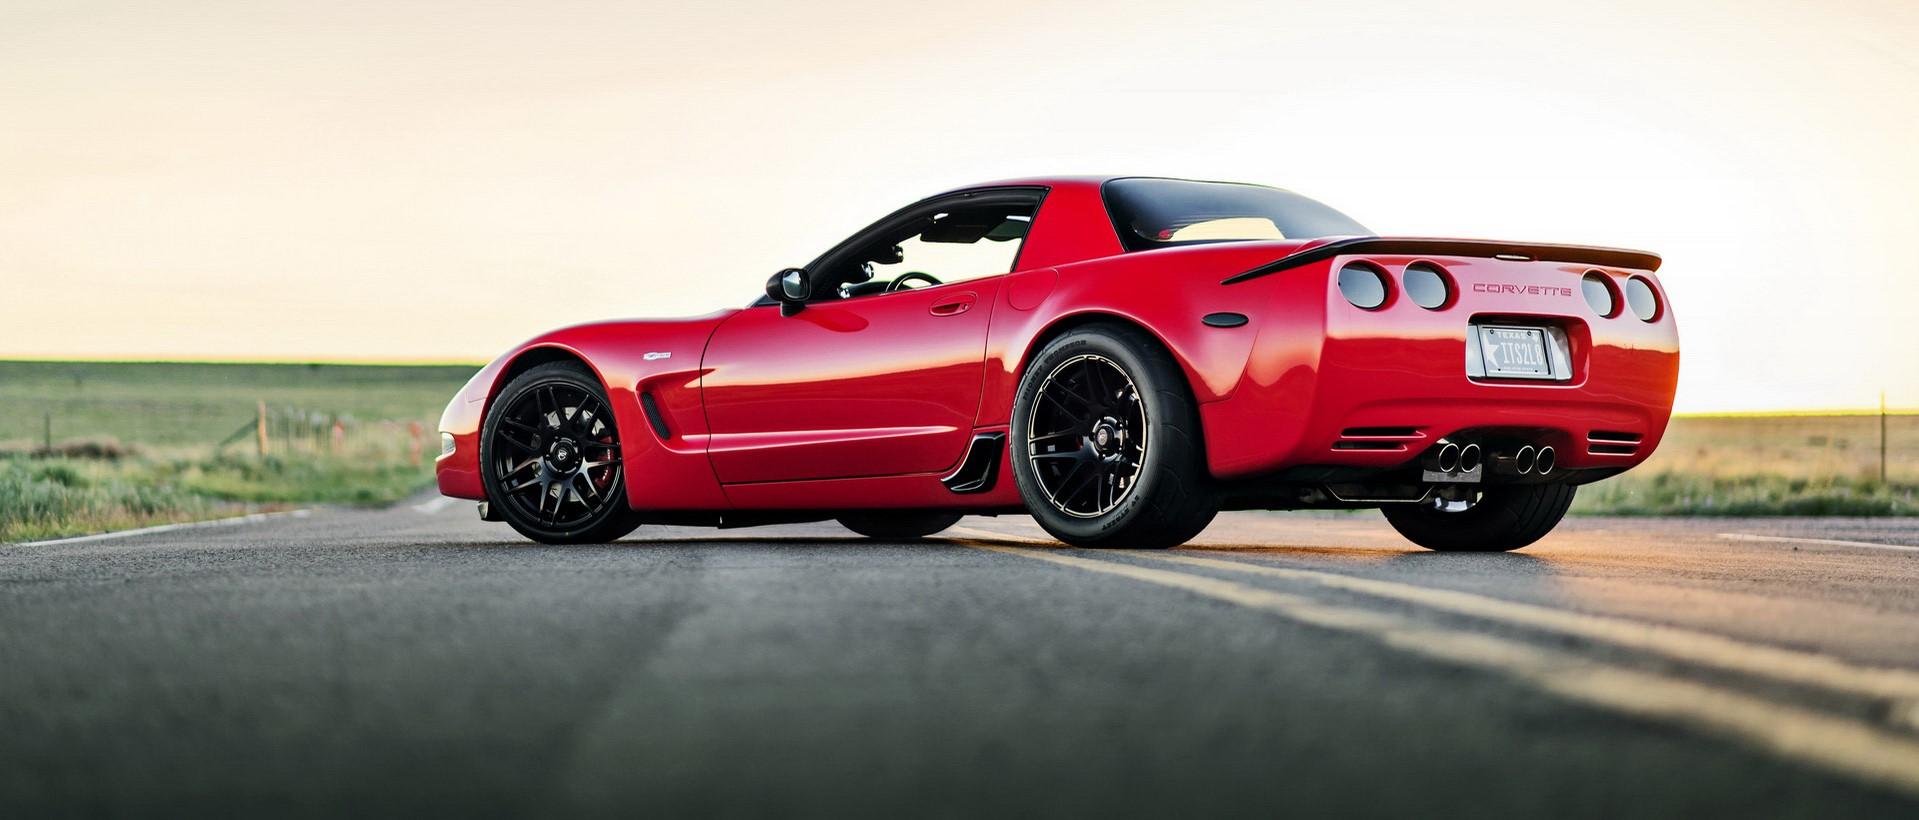 Red C5 Corvette